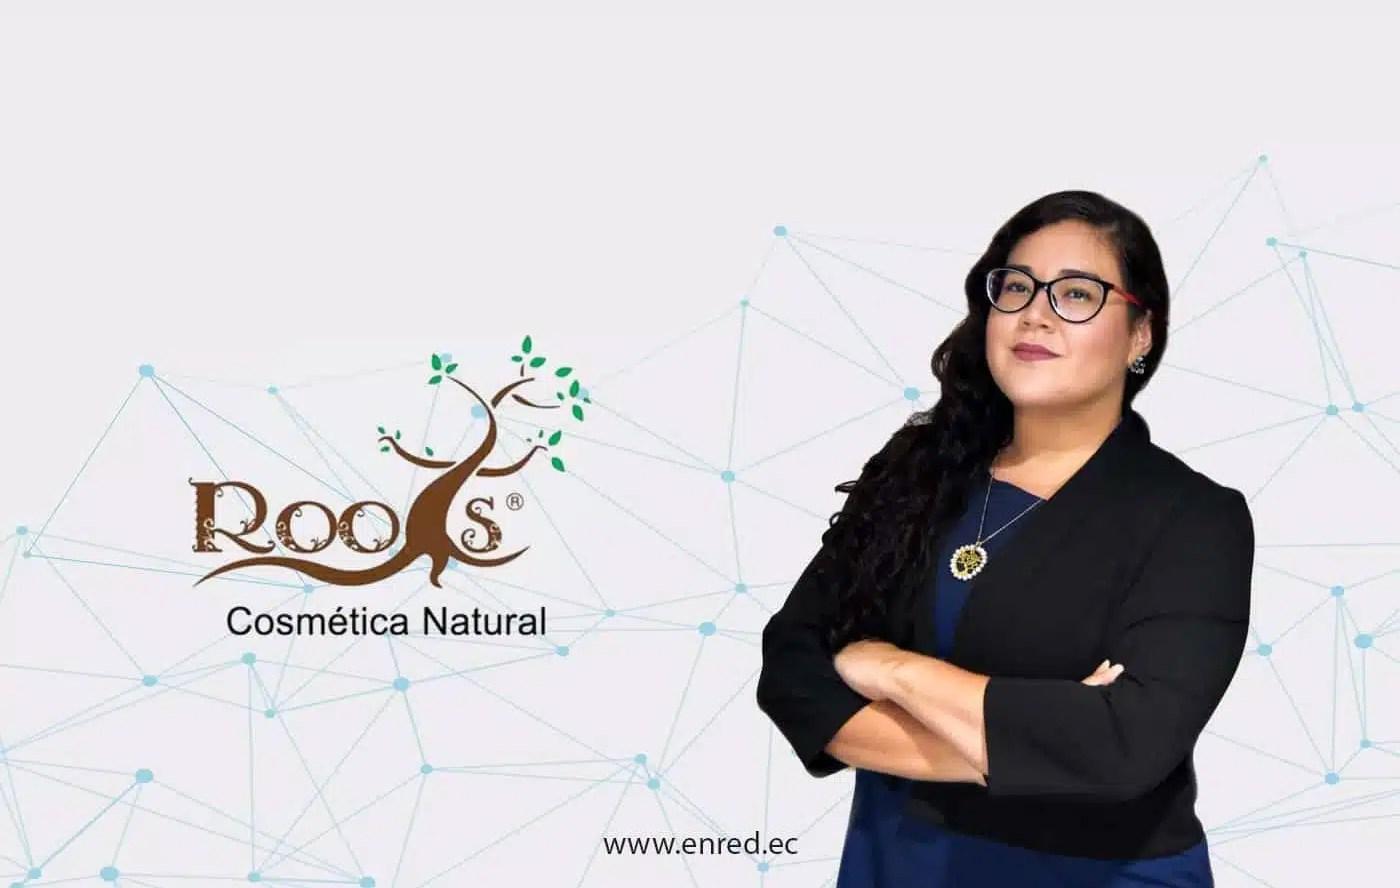 Roots Cosmética Natural, un emprendimiento para cuidar tu cuerpo y rostro